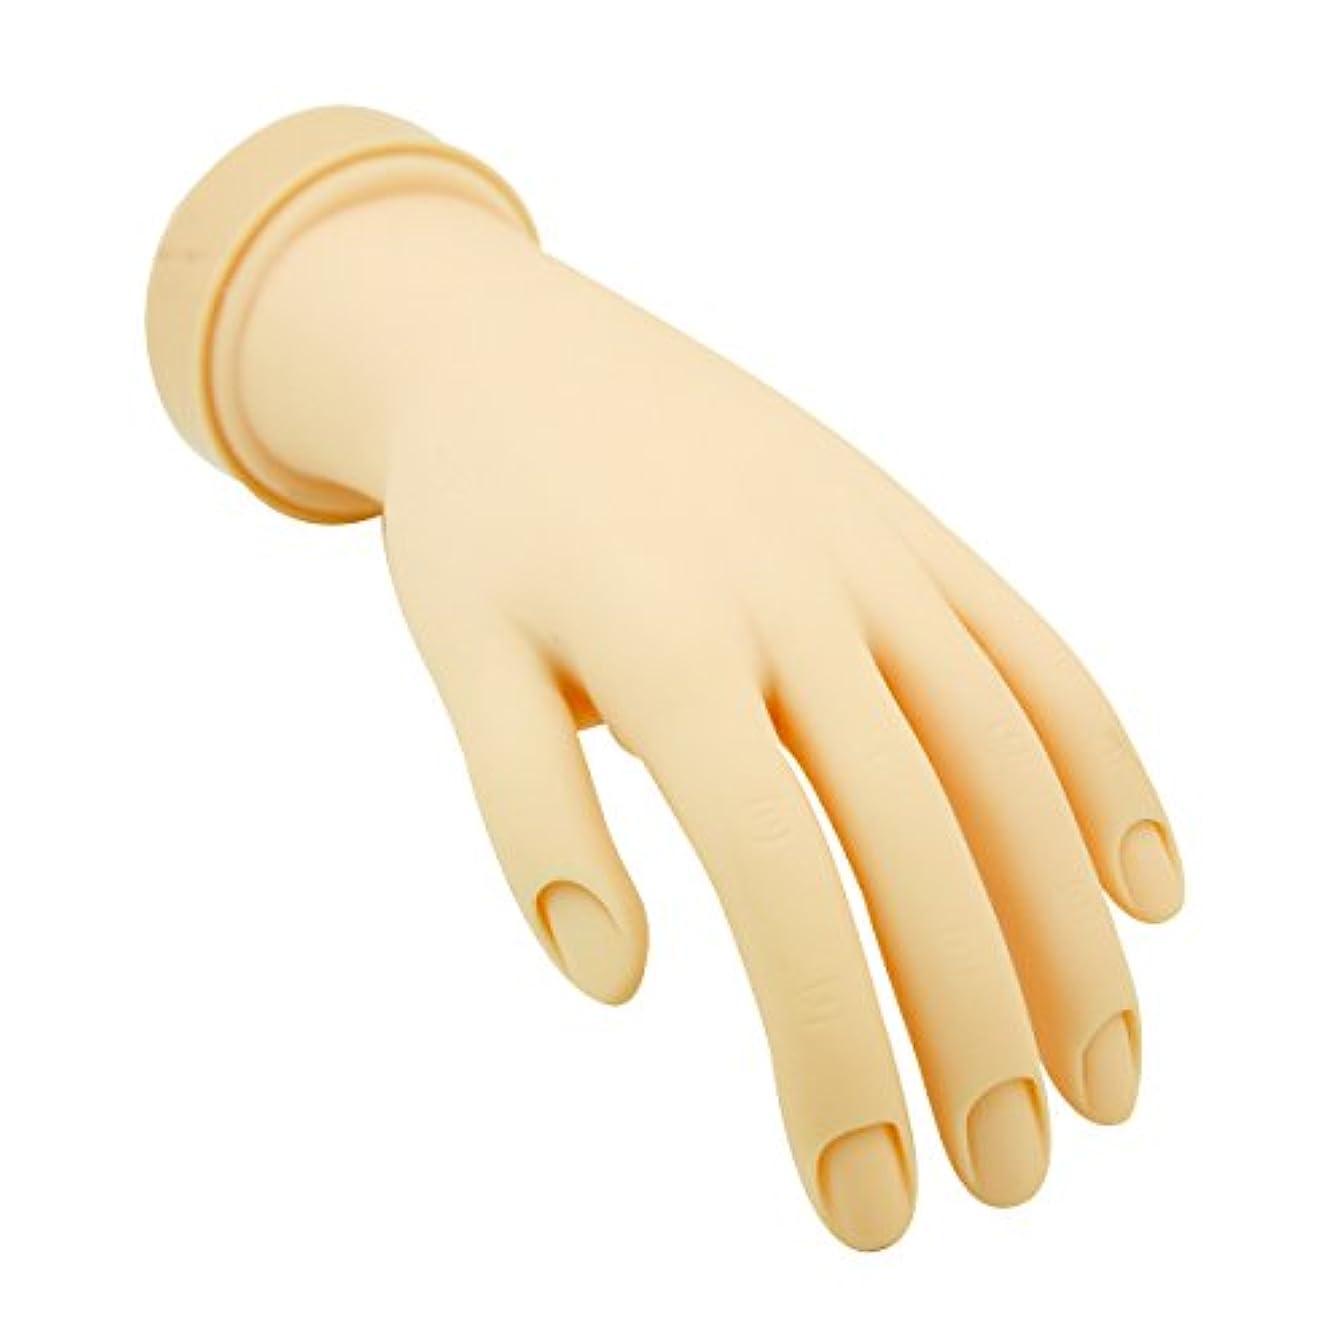 地域の火山学悪党トレーニングハンド (ネイル用) 左手 [ 練習用マネキン 手 指 ハンドマネキン マネキン 施術用 トレーニング ]